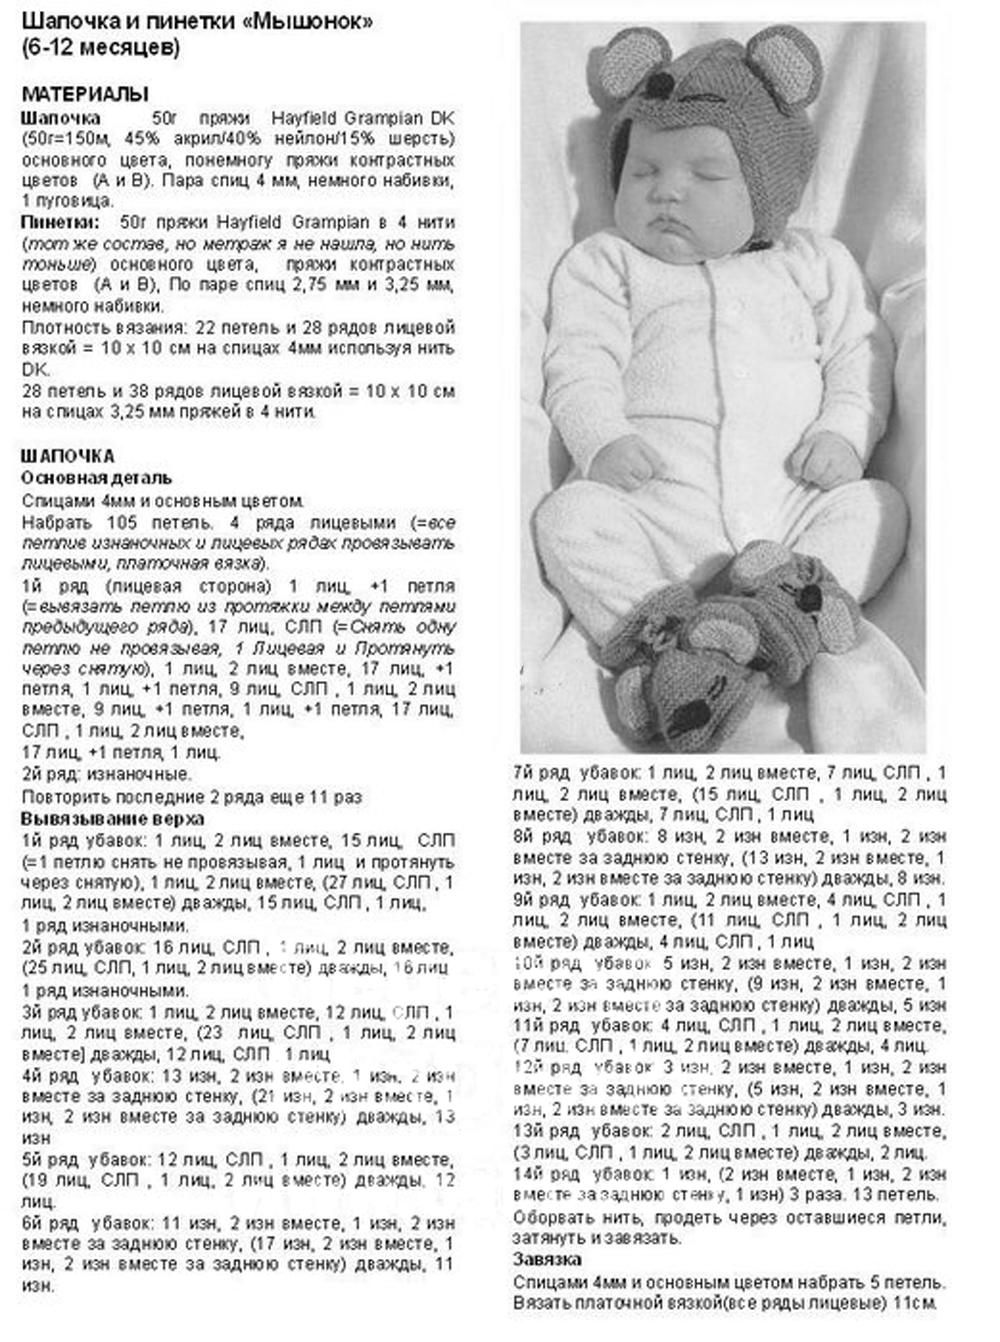 Вязание спицами костюма для новорожденного для начинающих